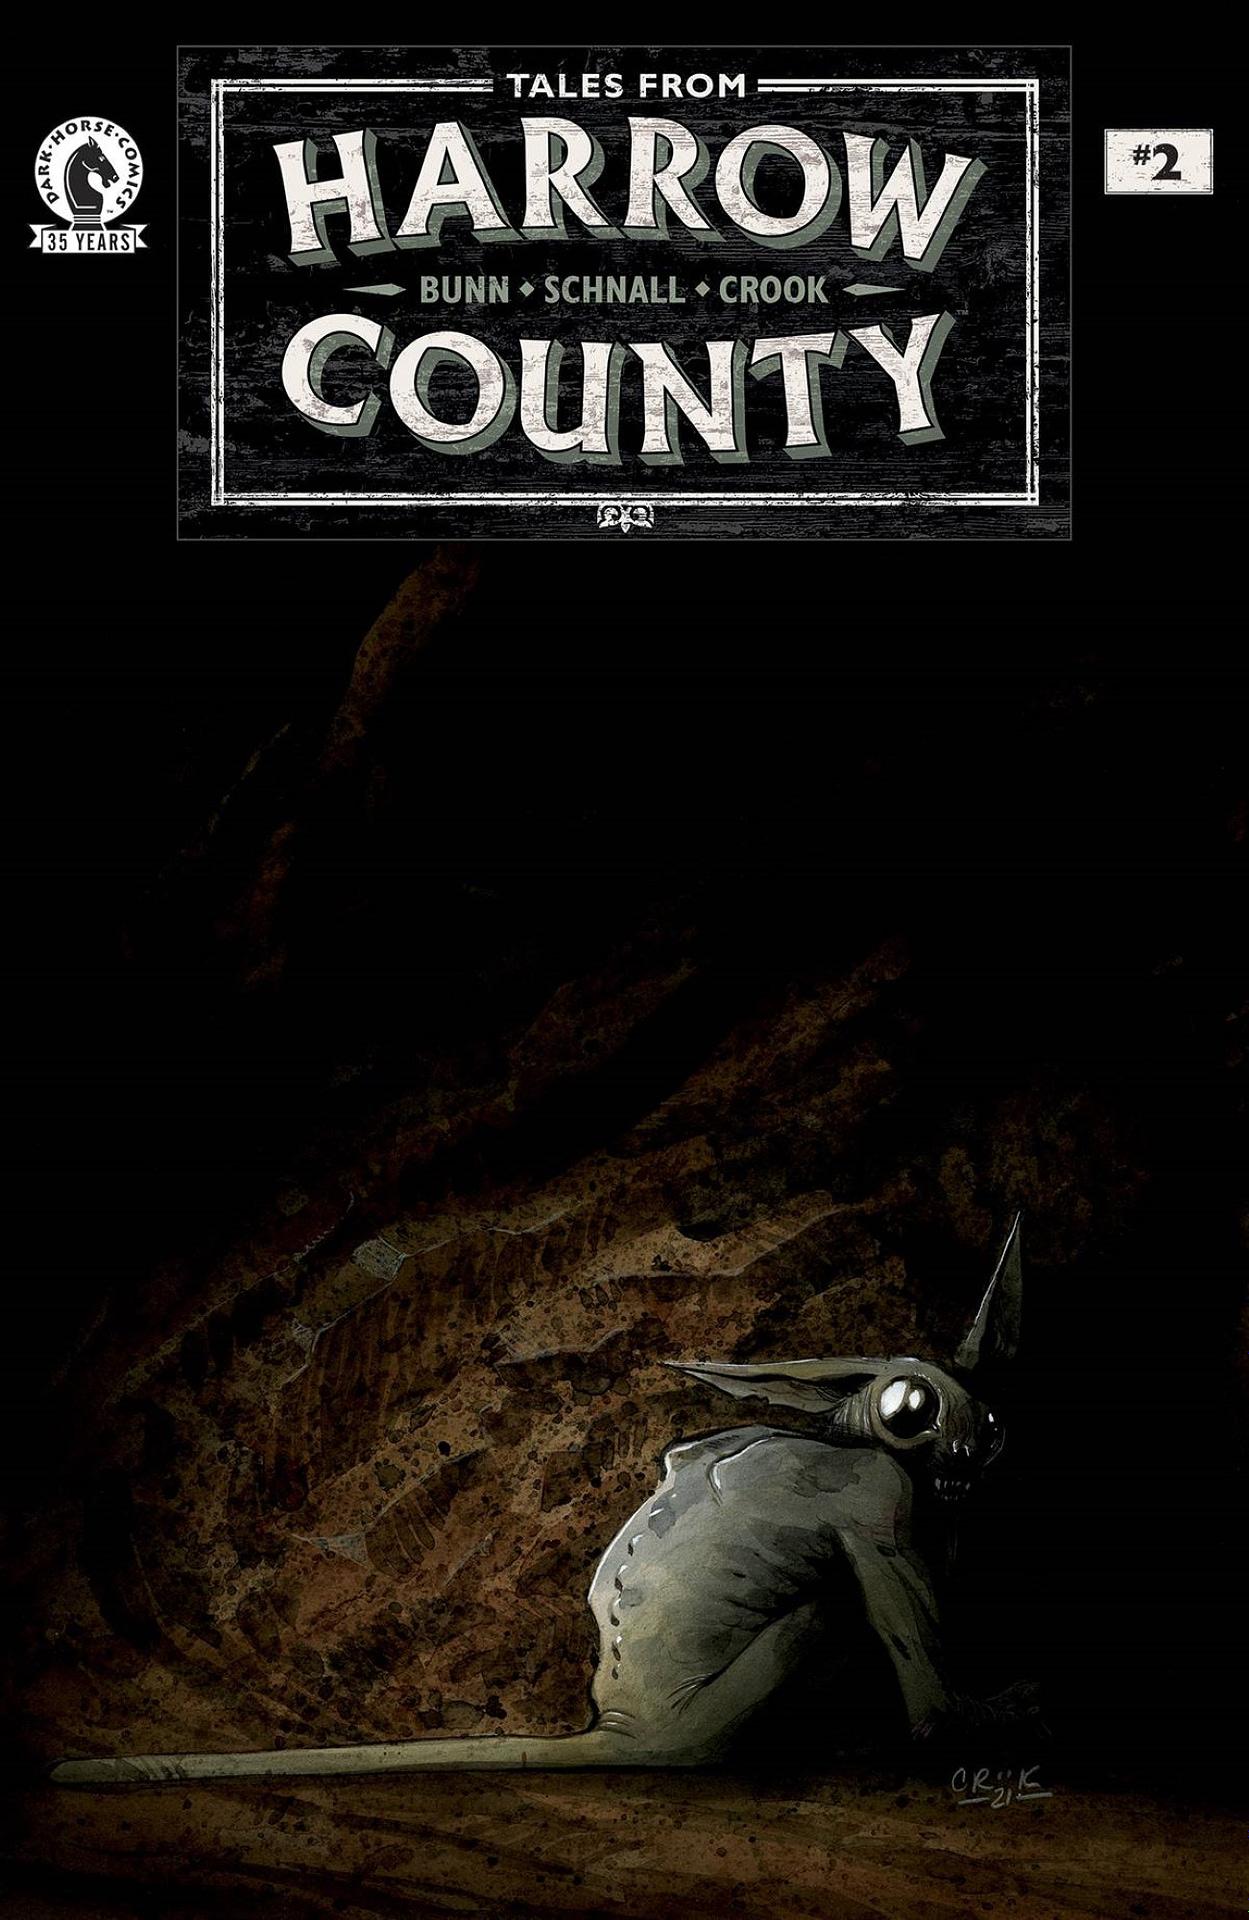 TALES FROM HARROW COUNTY FAIR FOLK #2 (OF 4) CVR B CROOK